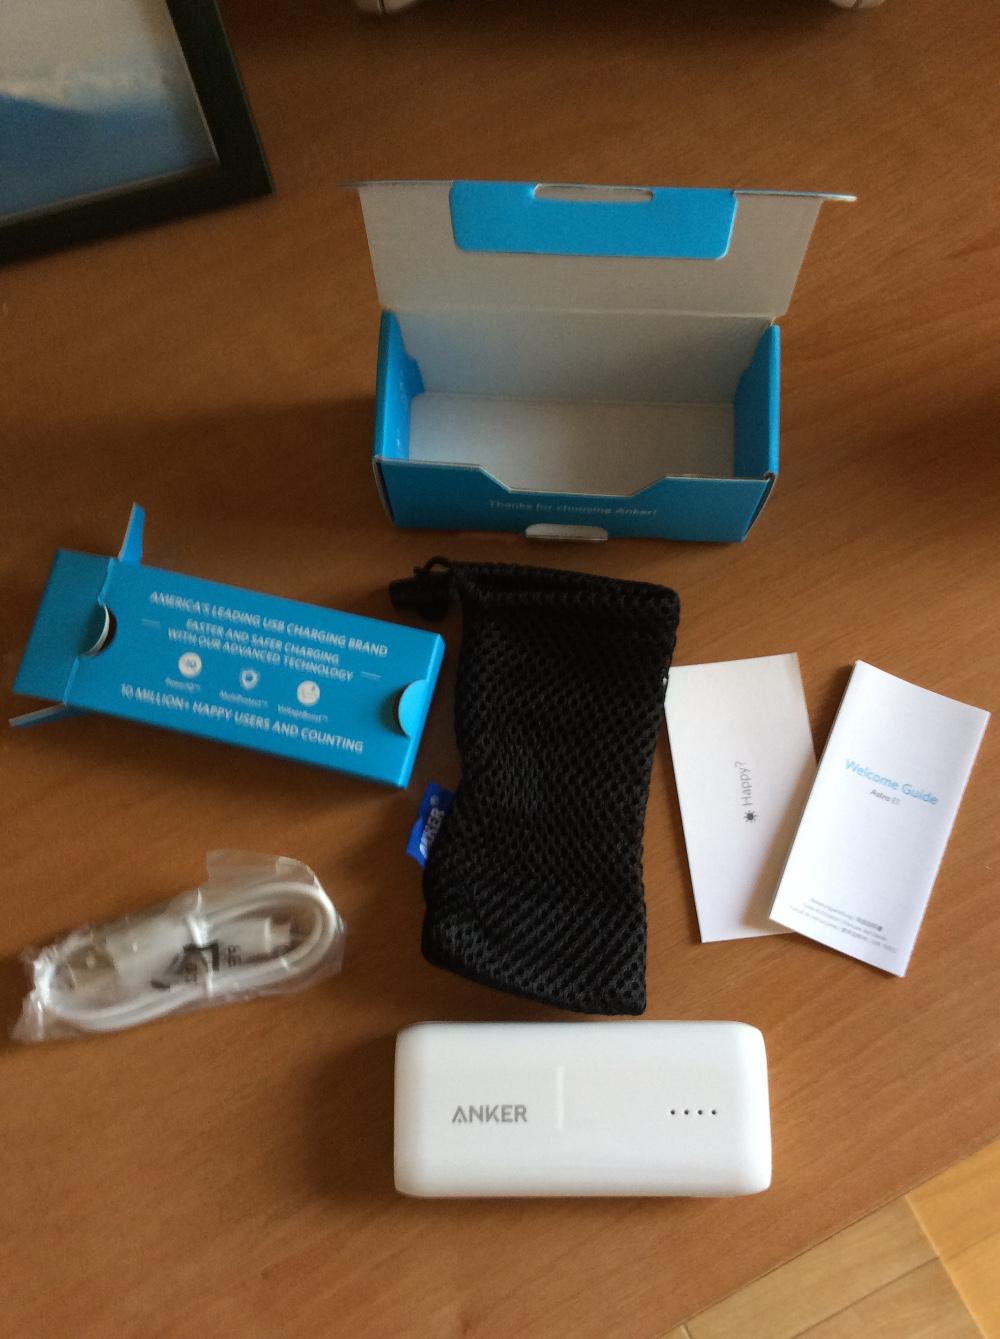 AnkerR Astro E1同梱物